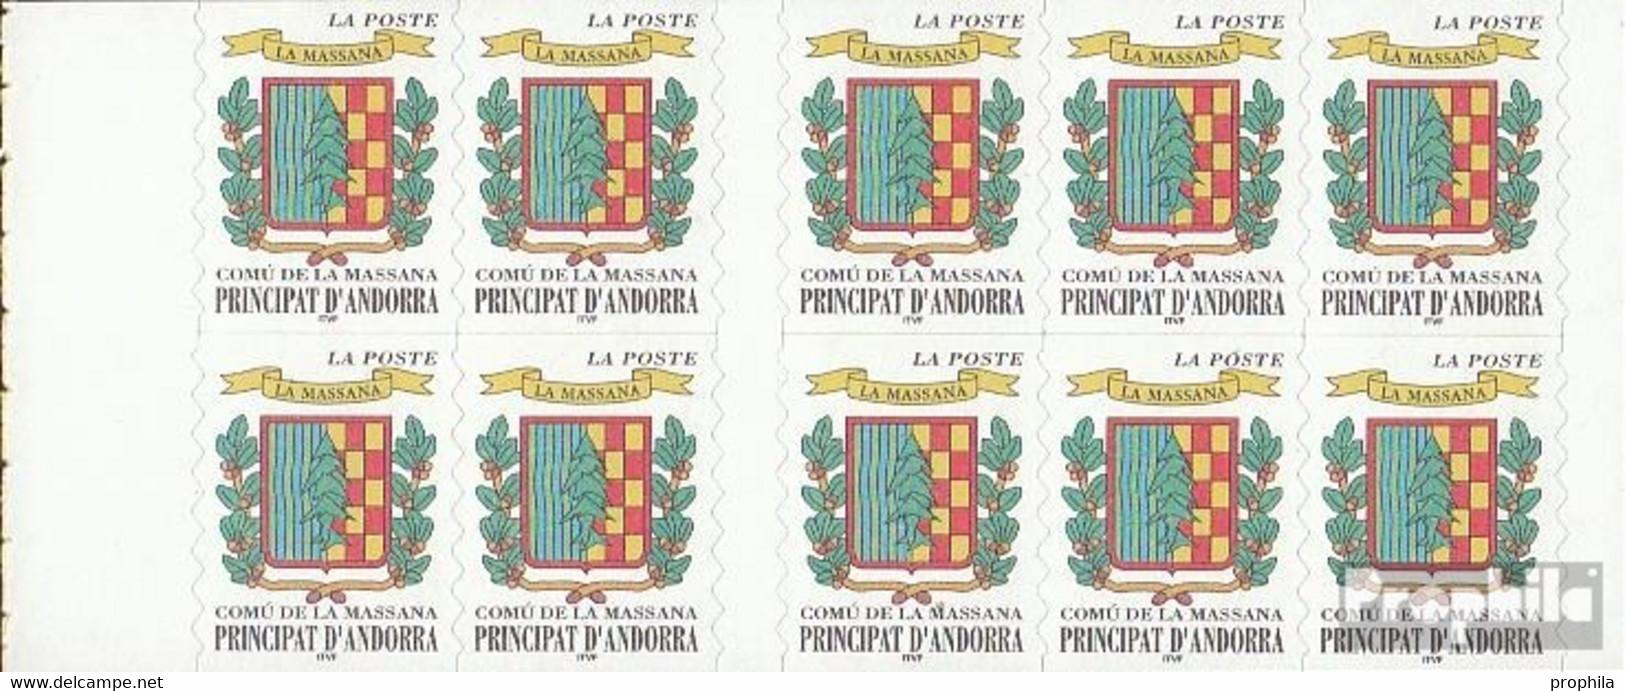 Andorra - Französische Post MH0-9 (kompl.Ausg.) Postfrisch 1999 Freimarken: Wappen - Carnets